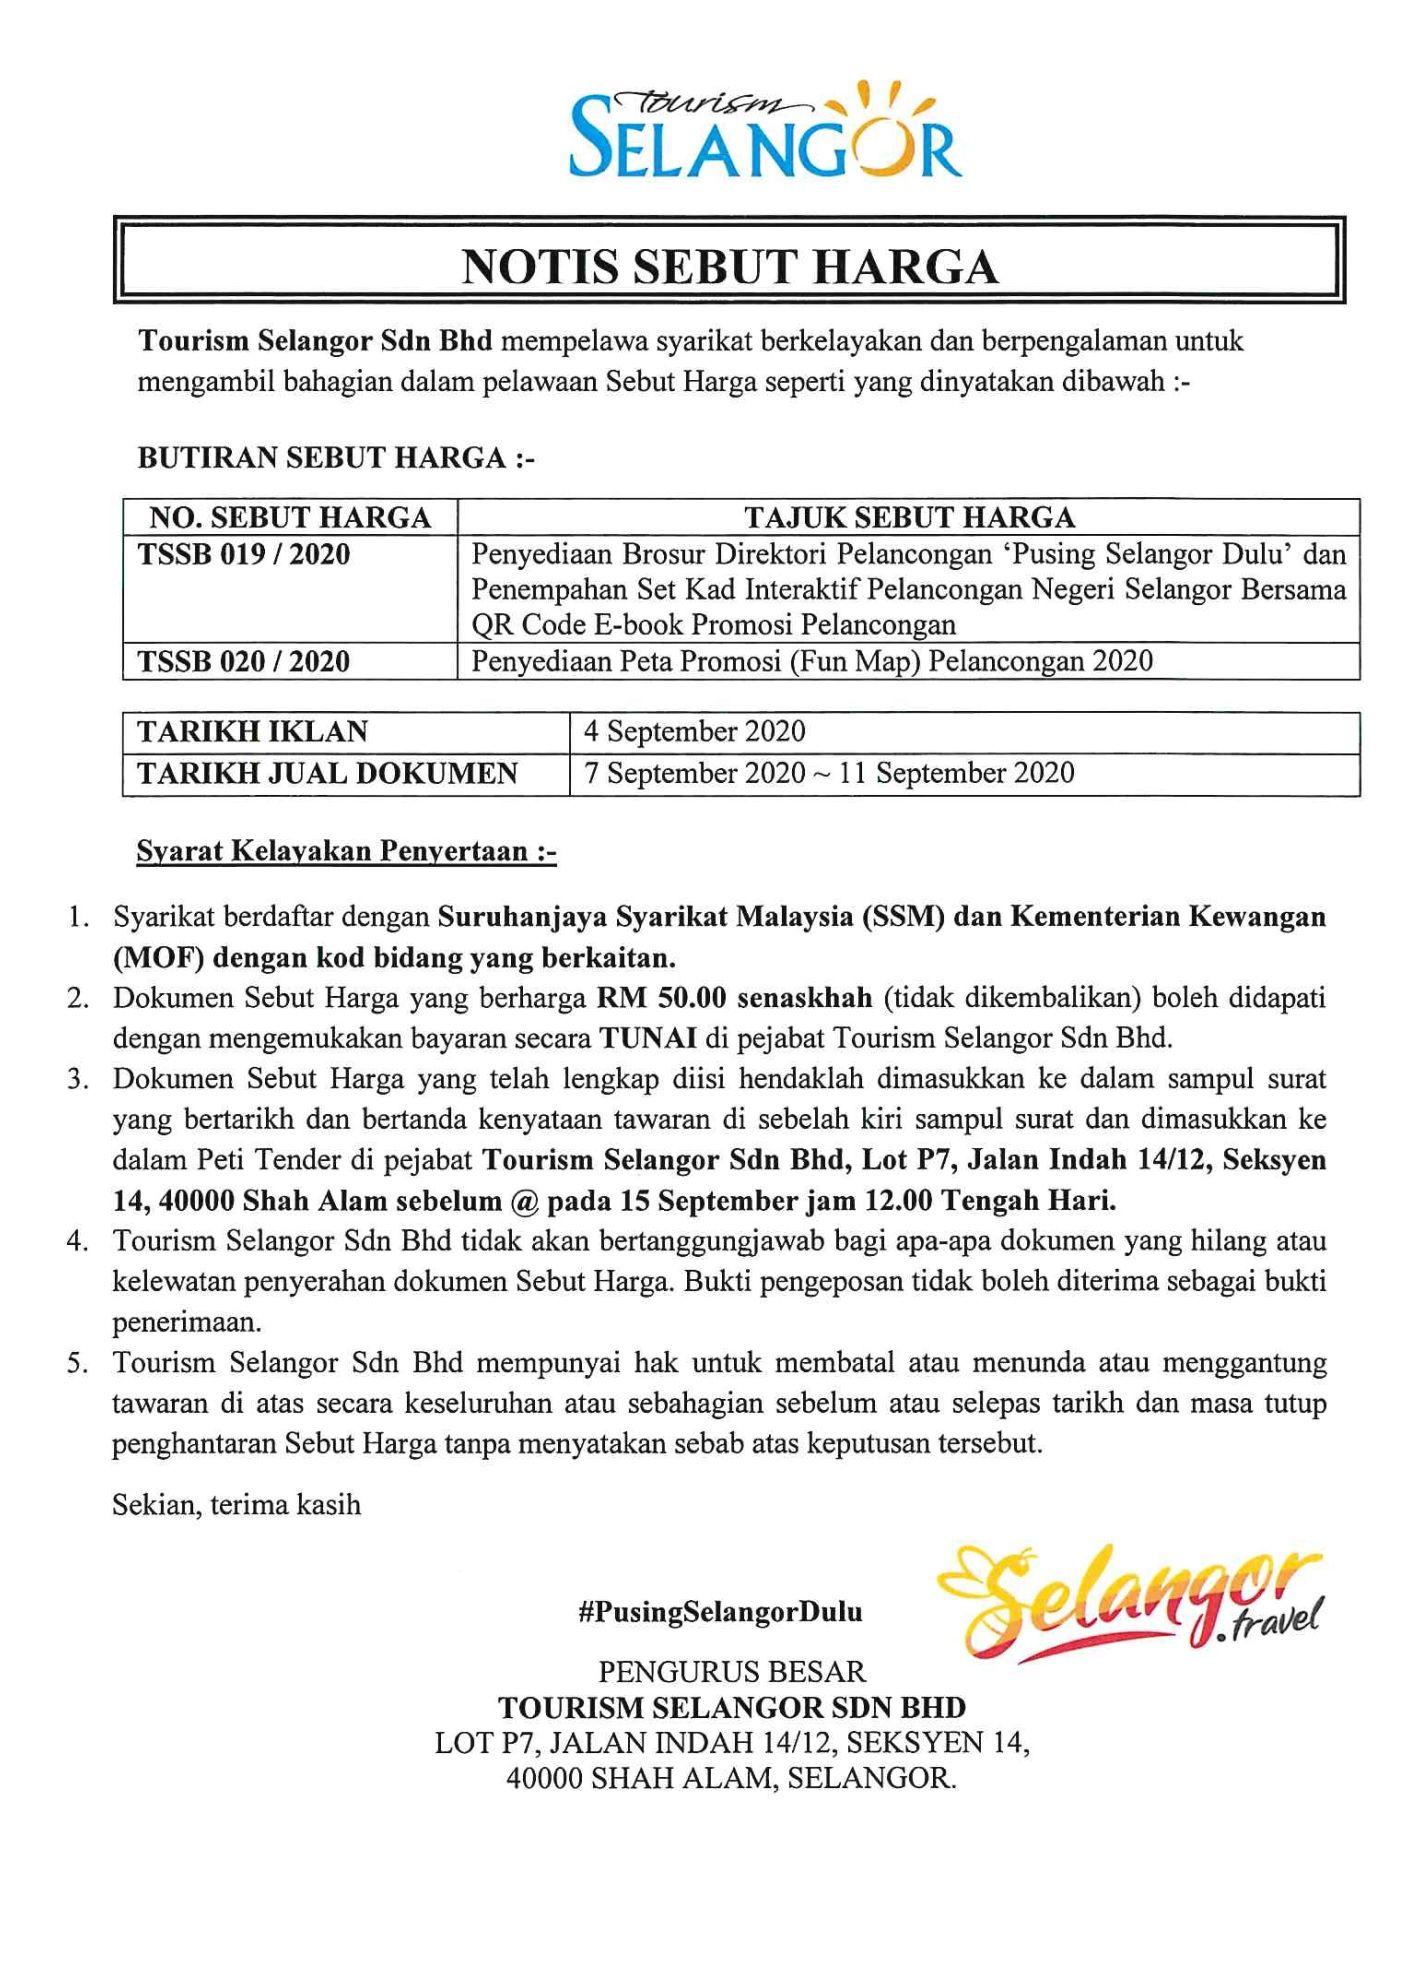 Tender Notice : TSSB 019, 020 / 2020 1